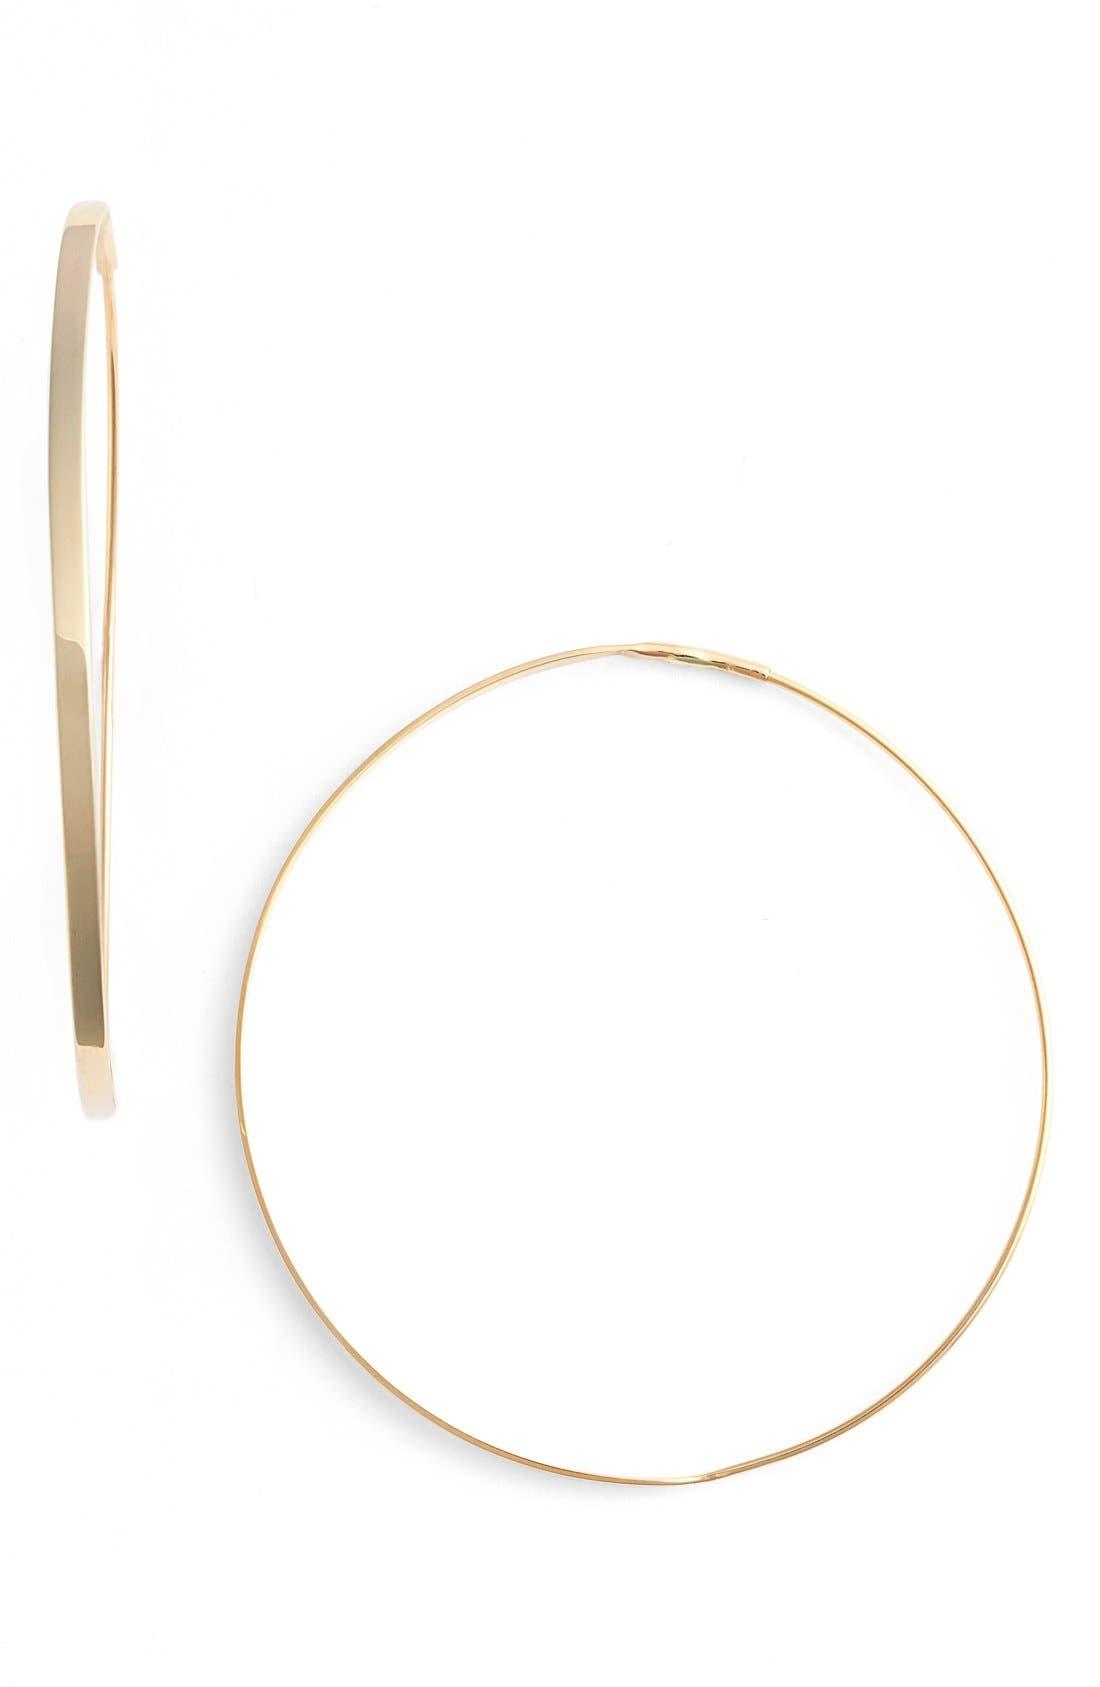 'Flat Magic' Medium Hoop Earrings,                         Main,                         color, YELLOW GOLD